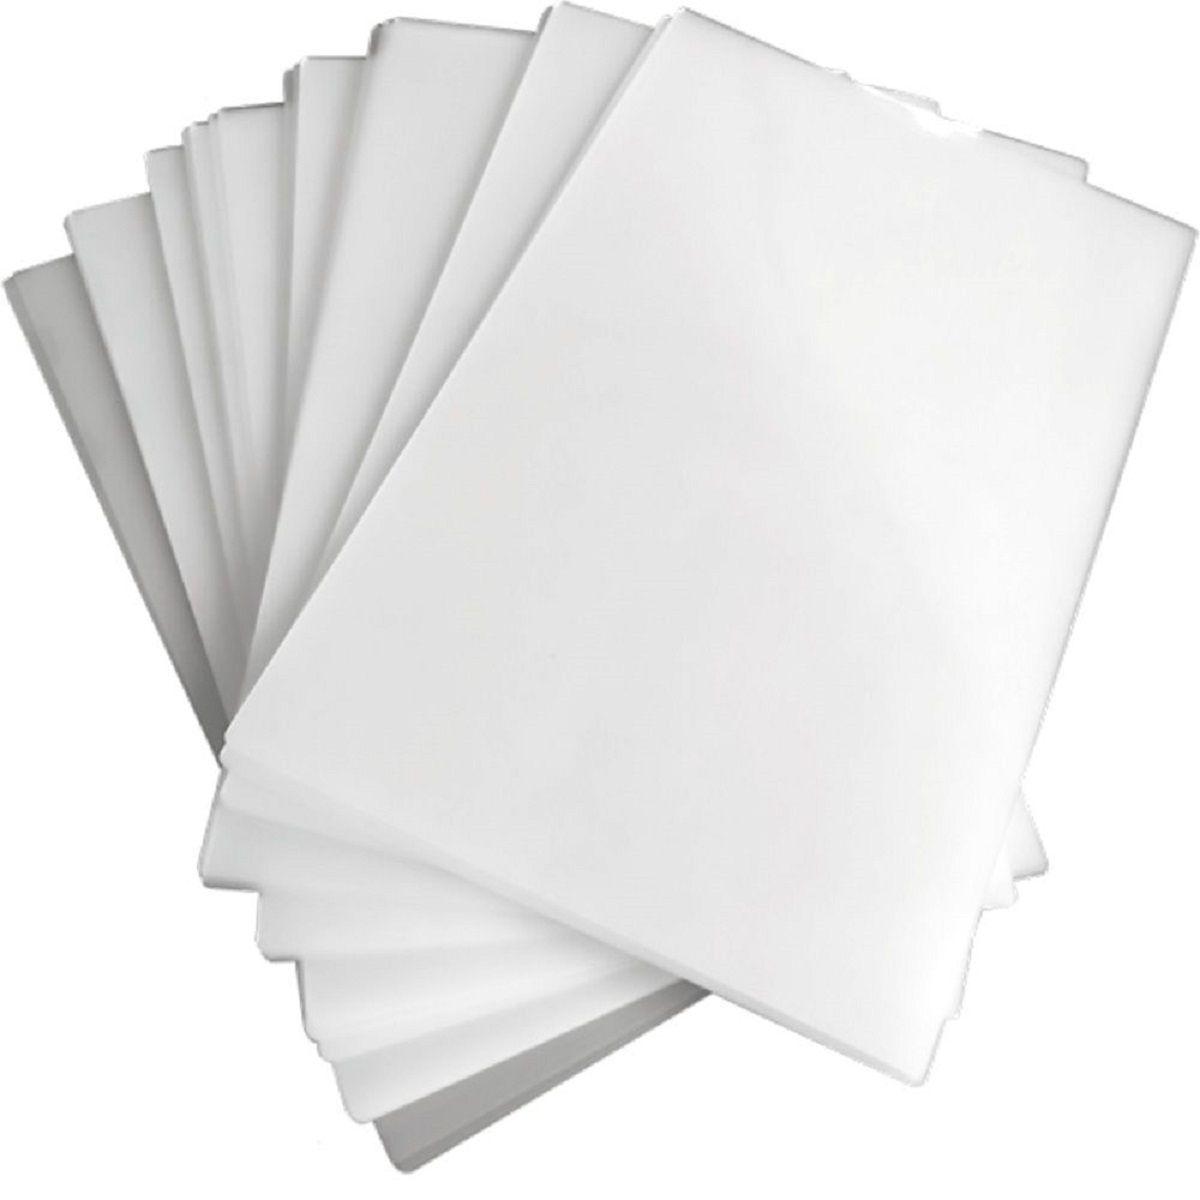 Polaseal para Plastificação Oficio 226x340x0,07mm (175 micras) - Pacote com 20 Plásticos  - Click Suprimentos